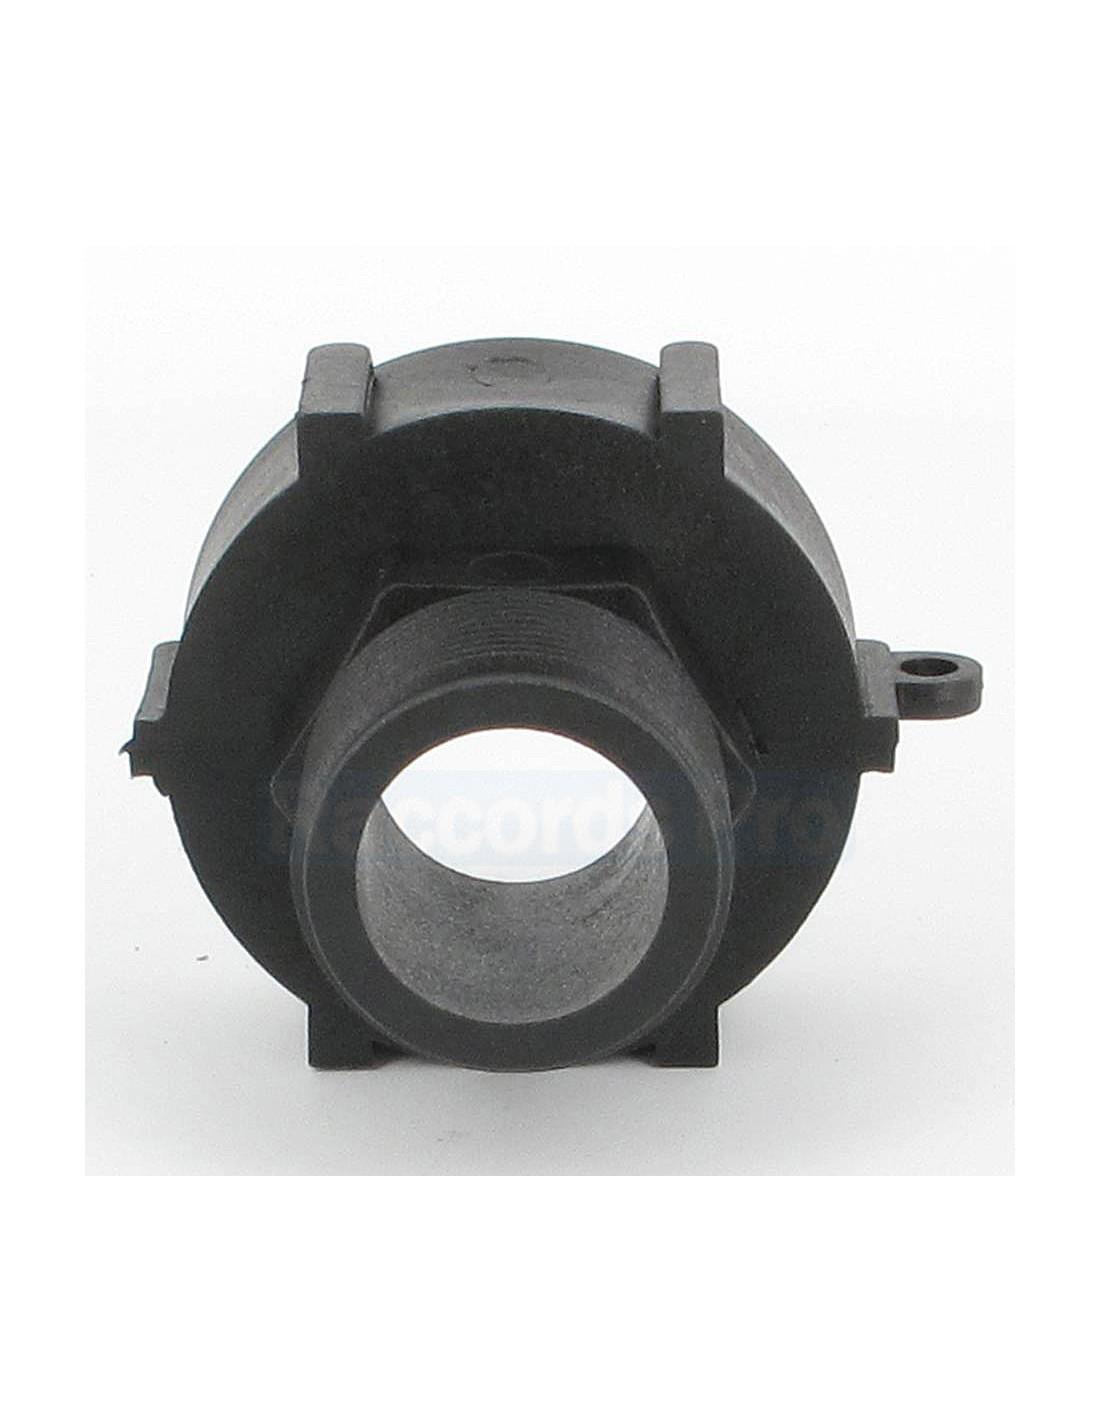 adaptateur changement de pas f 2 s60x6 m 1 1 4 pas gaz sas axesspack. Black Bedroom Furniture Sets. Home Design Ideas